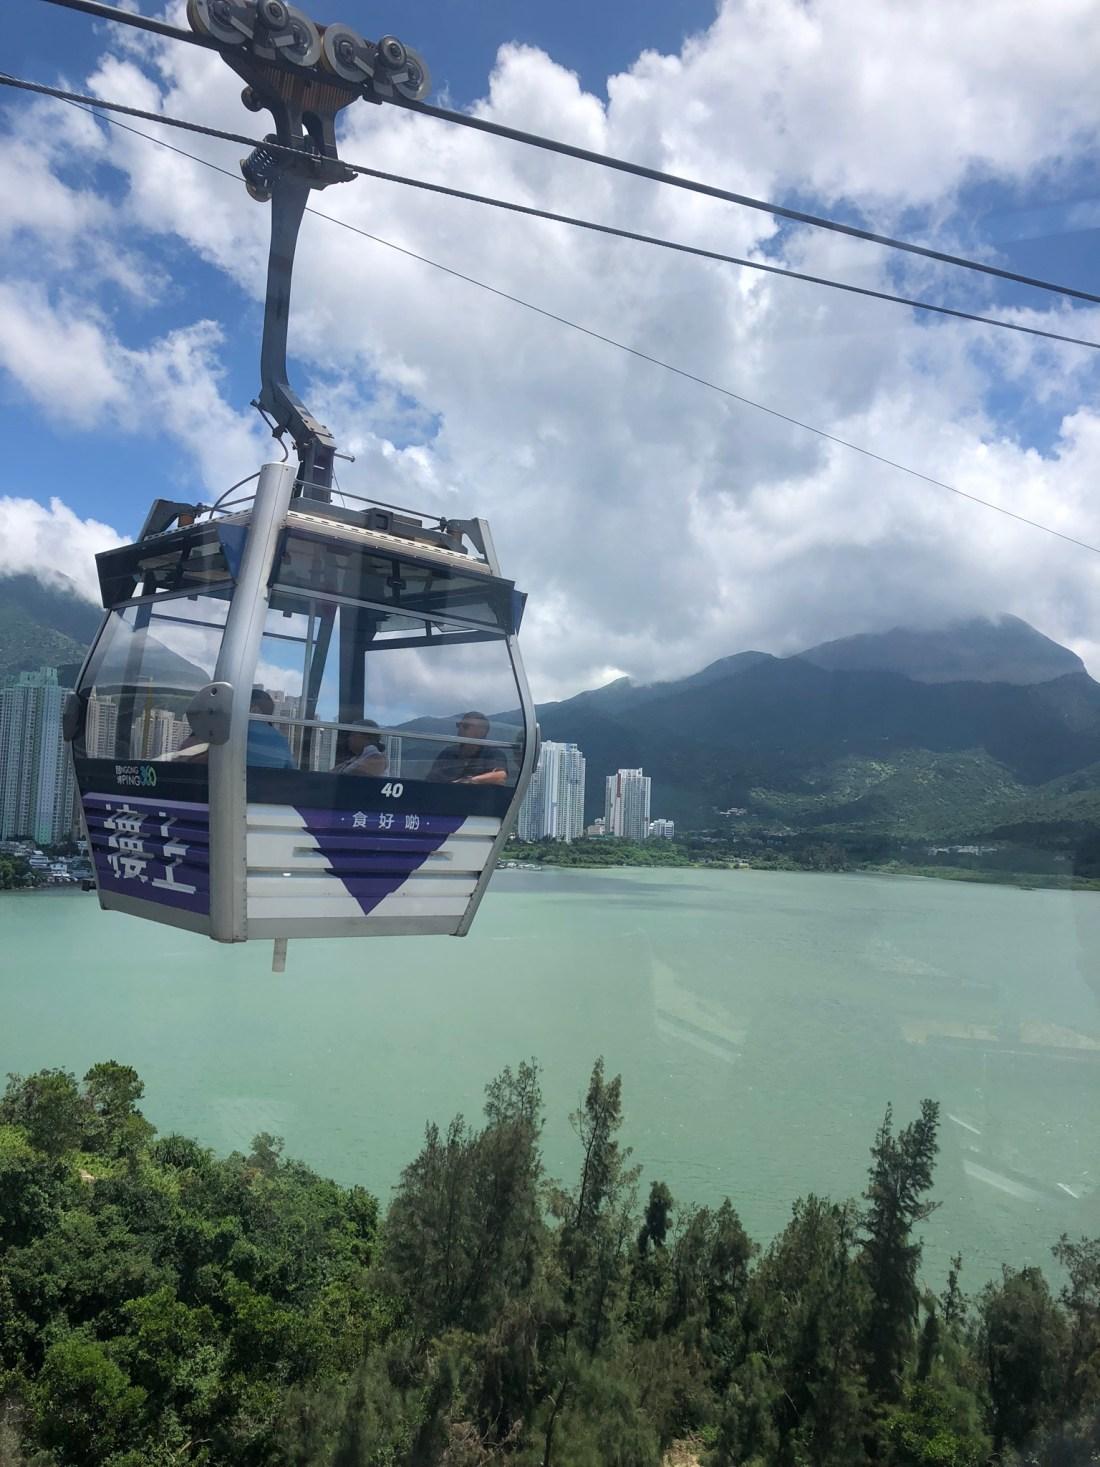 Gondola on Lantau Island